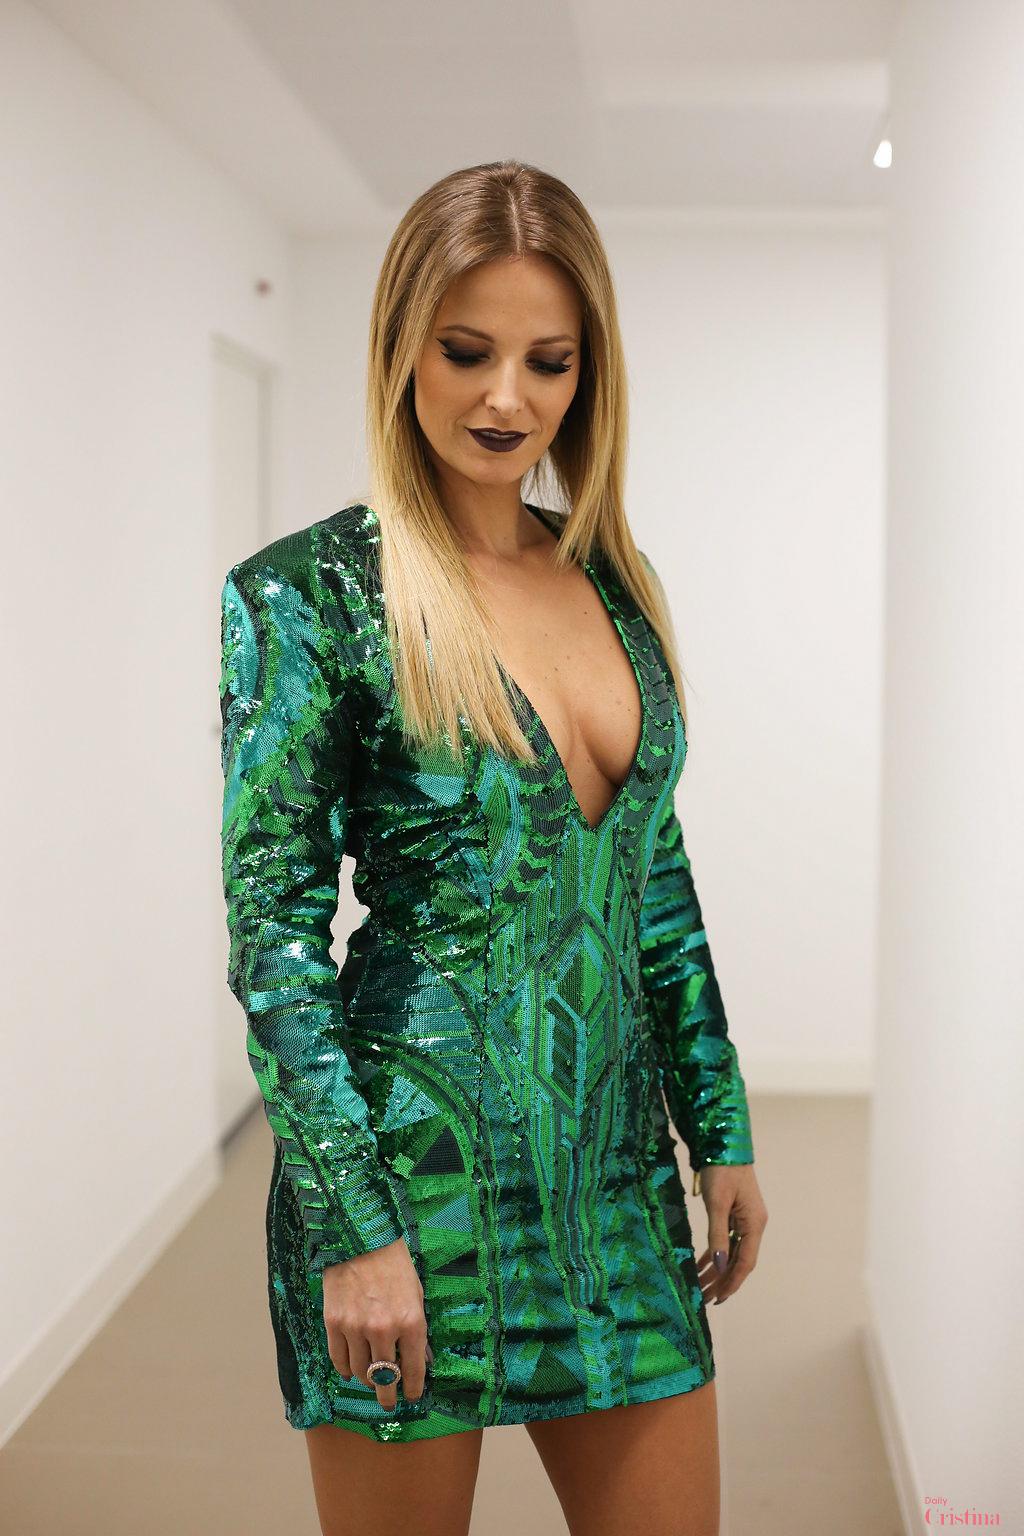 Cristina Ferreira naked 502